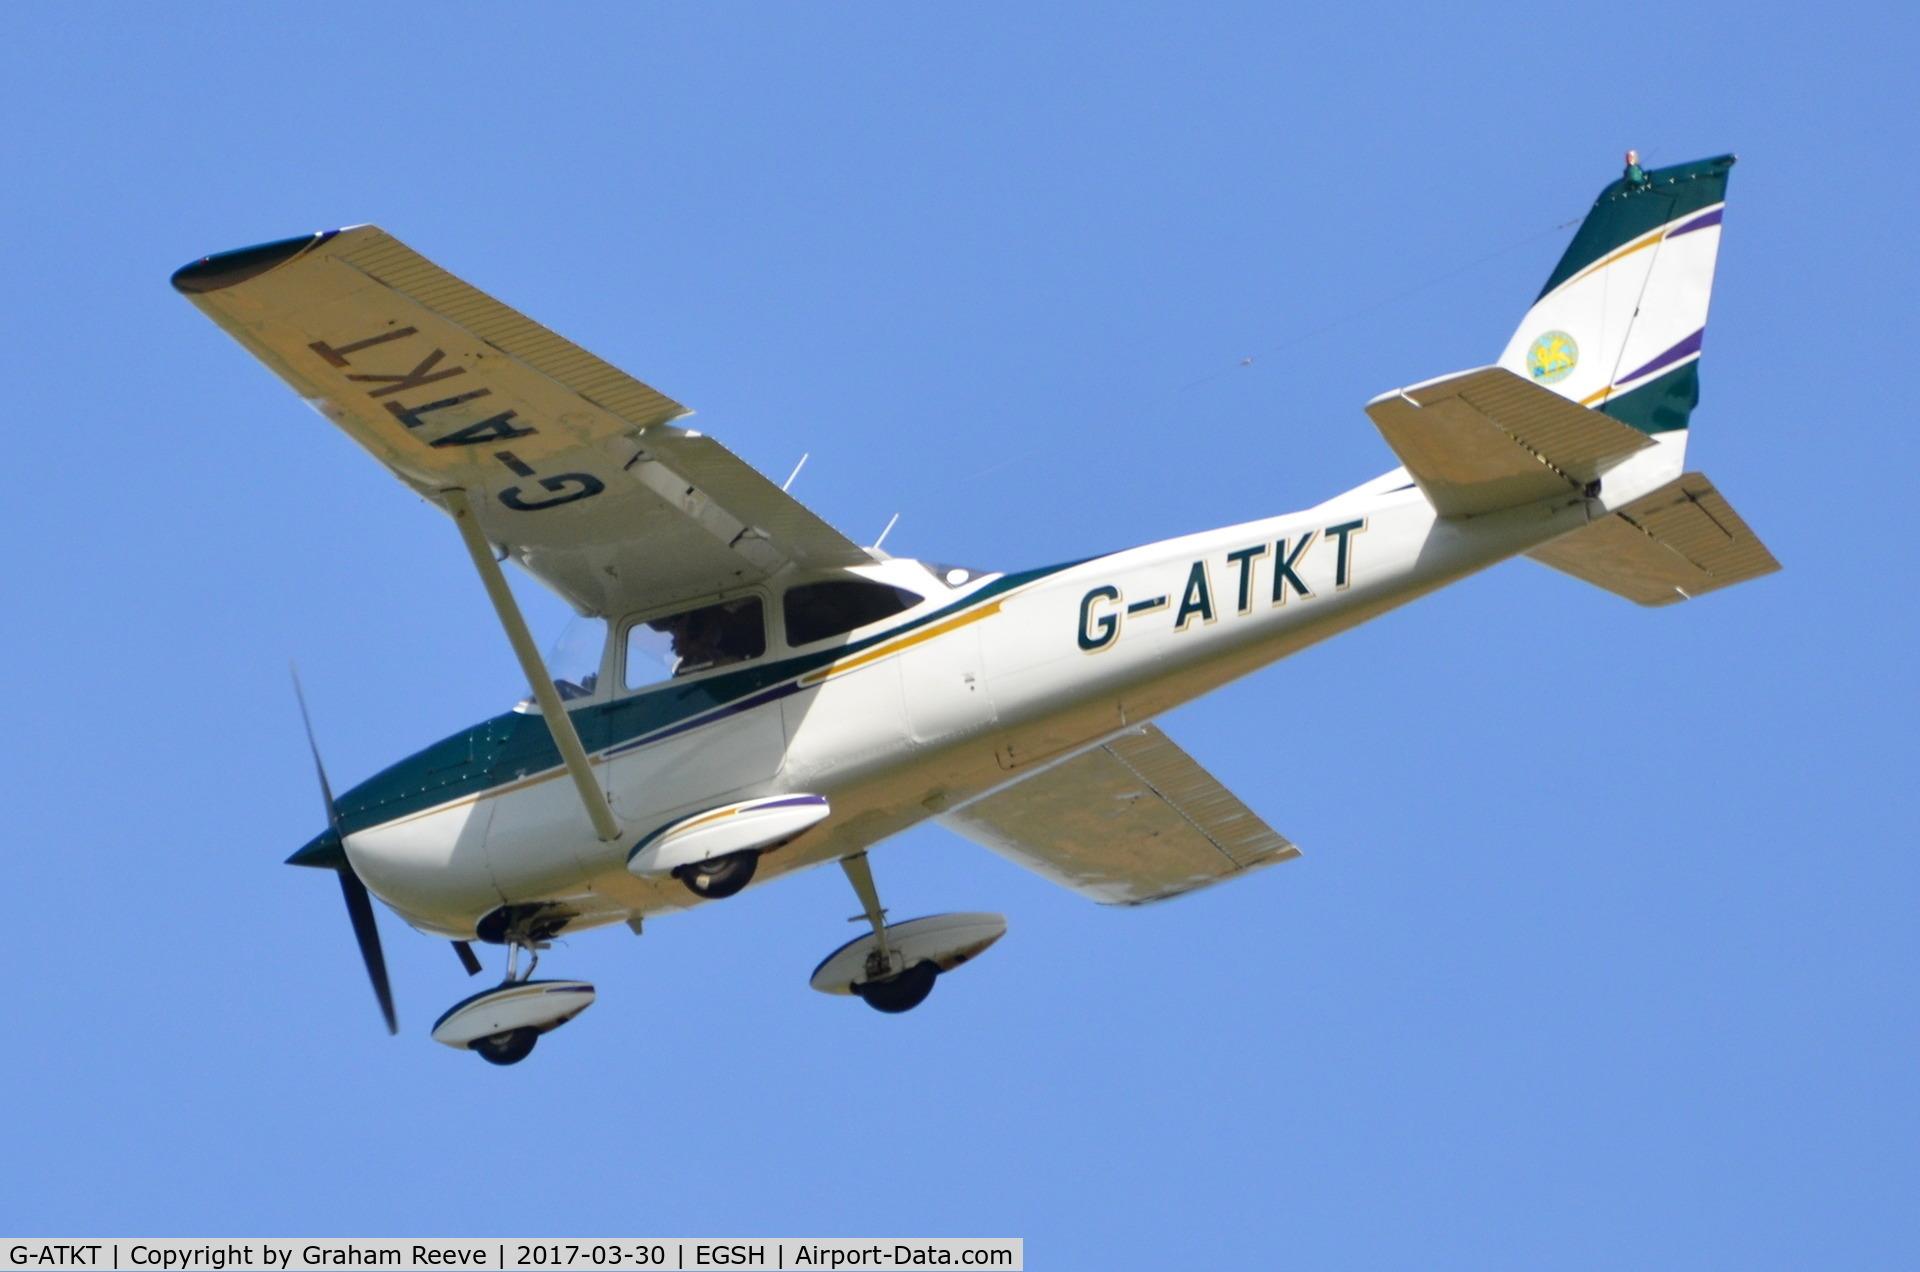 G-ATKT, 1965 Reims F172G Skyhawk C/N 0206, Landing at Norwich.